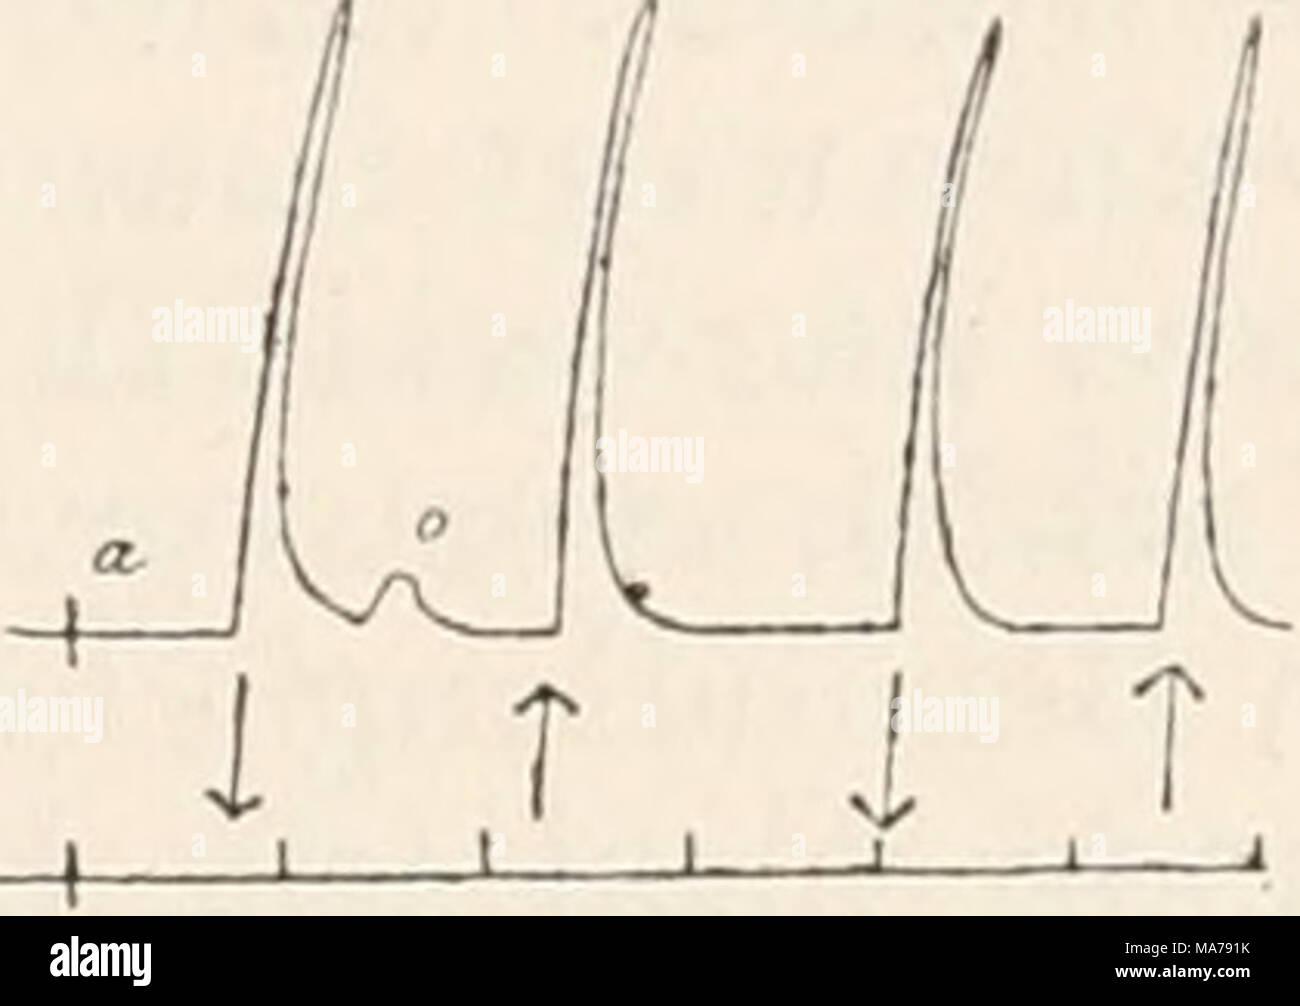 """. Elektrophysiologie . i T 1 T I T Fig. 194. Nerv-Muskelpräparat vom Frosch. Ein schwacher aufsteigend oder absteigend gerichteter Strom löst bei beliebiger Lage der Elektroden nur Schliessungszuckung aus (b). Nach 5 Min. dauerndem Eintauchen des Nerven in 1 """"/o KNOg-Lösung er- scheint die Erregbarkeit herabgesetzt. Gleichwohl löst derselbe Strom an allen Punkten der veränderten Nerveustrecke auch Oetfiiungszuckungen von gleicher Höhe wie die Schliessungszuckungen aus (c, d). Durch Auslaugen mit physiologischer Koch- salzlösung (15 Min.) lässt sich die Oeflfnungszuckung wieder beseitigen  Stock Photo"""